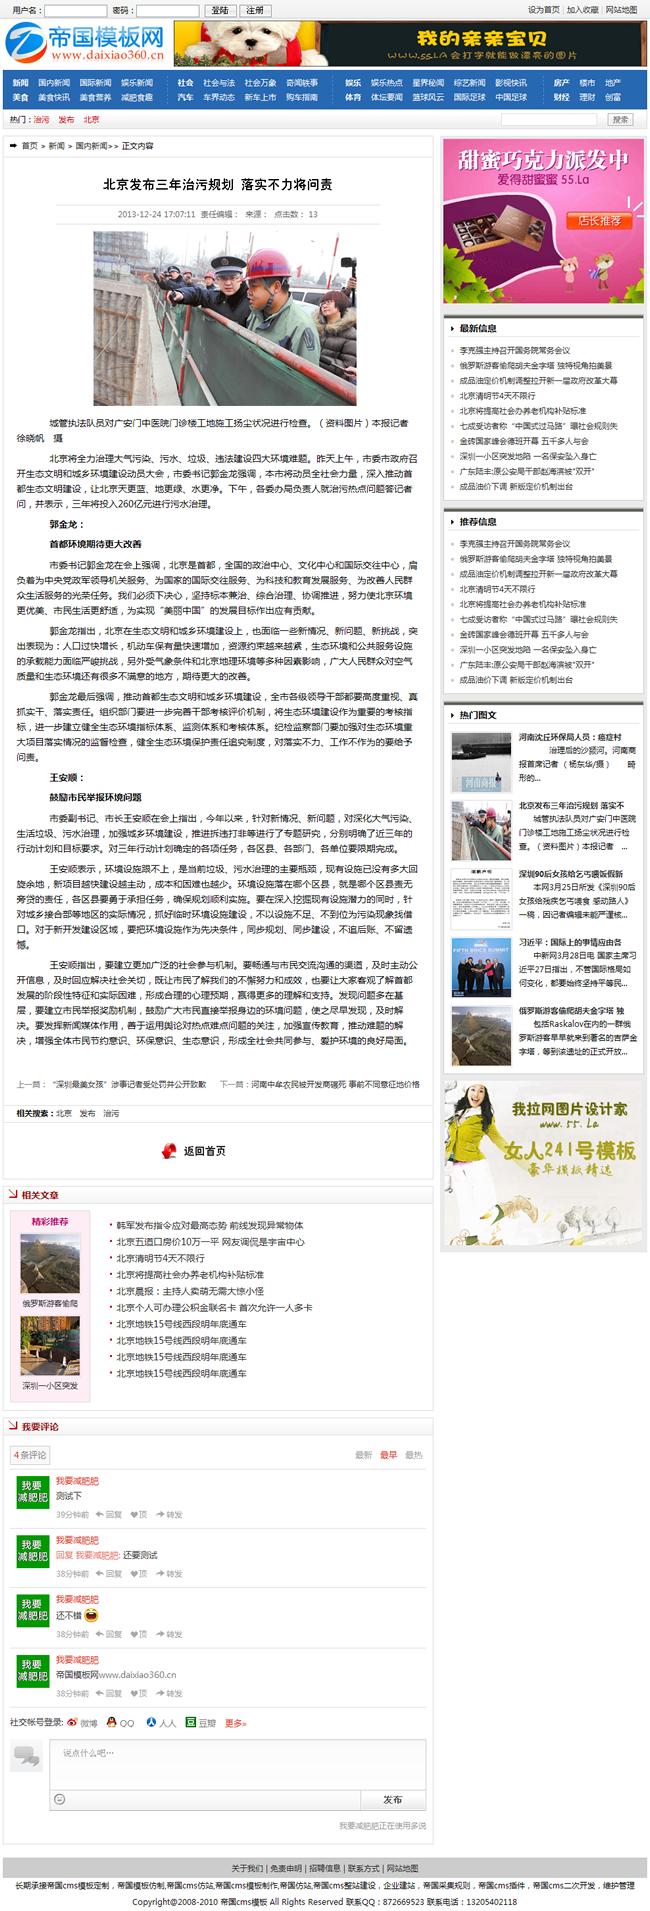 帝国cms新闻资讯文章门户网站程序模板_内容页